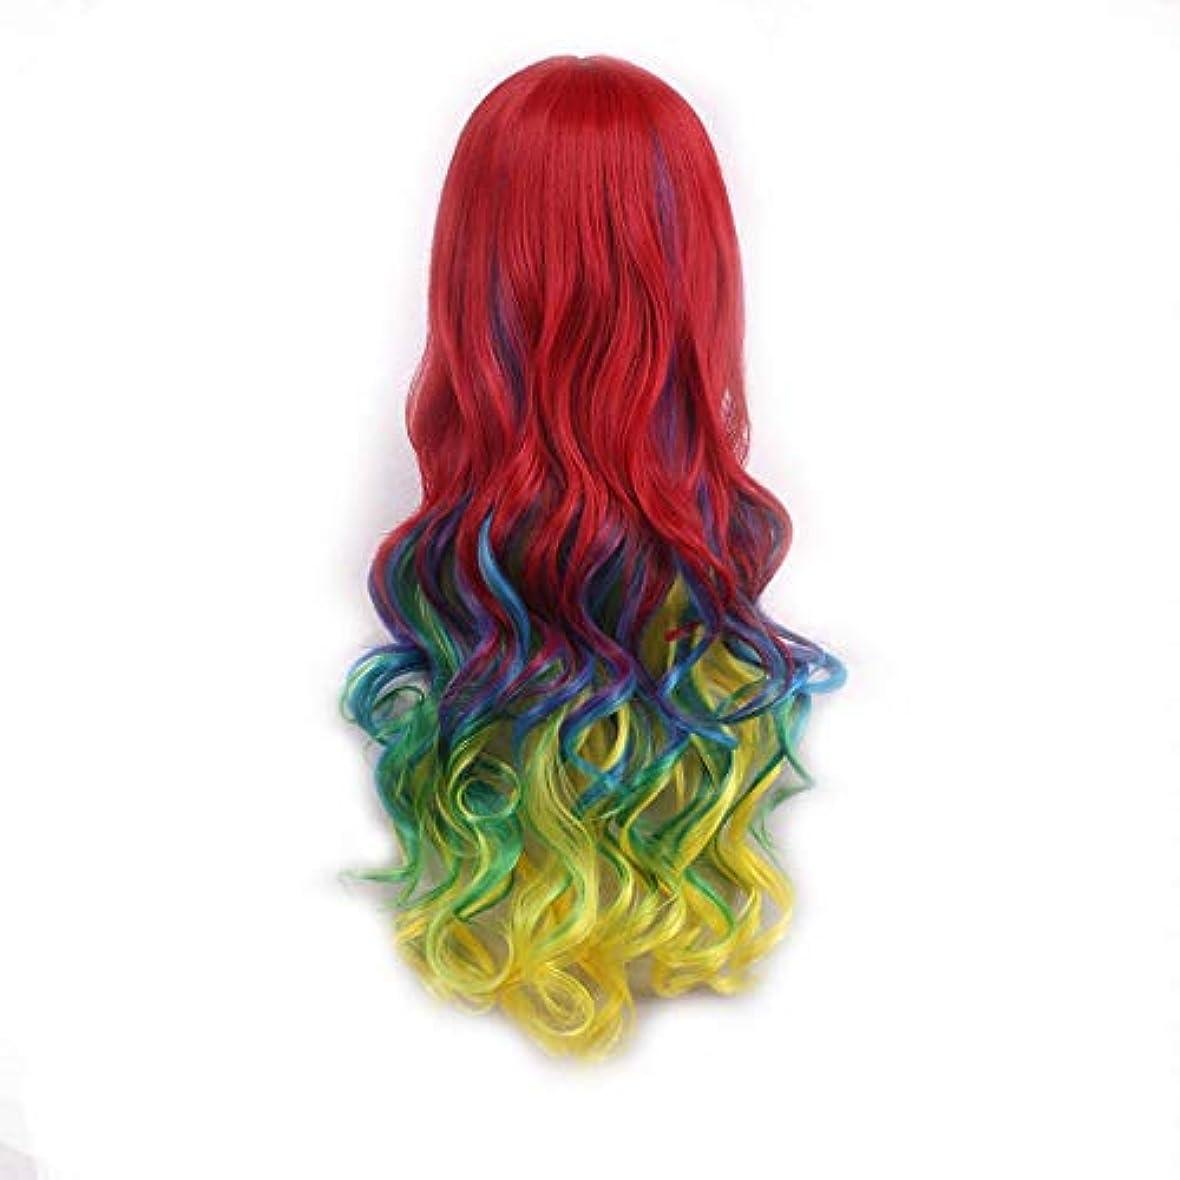 名誉パッケージハックウィッグキャップウィッグロングファンシードレスストレート&カールウィッグレディース高品質な合成色の髪のコスプレ高密度ウィッグ女性と女の子 (Color : Curls)